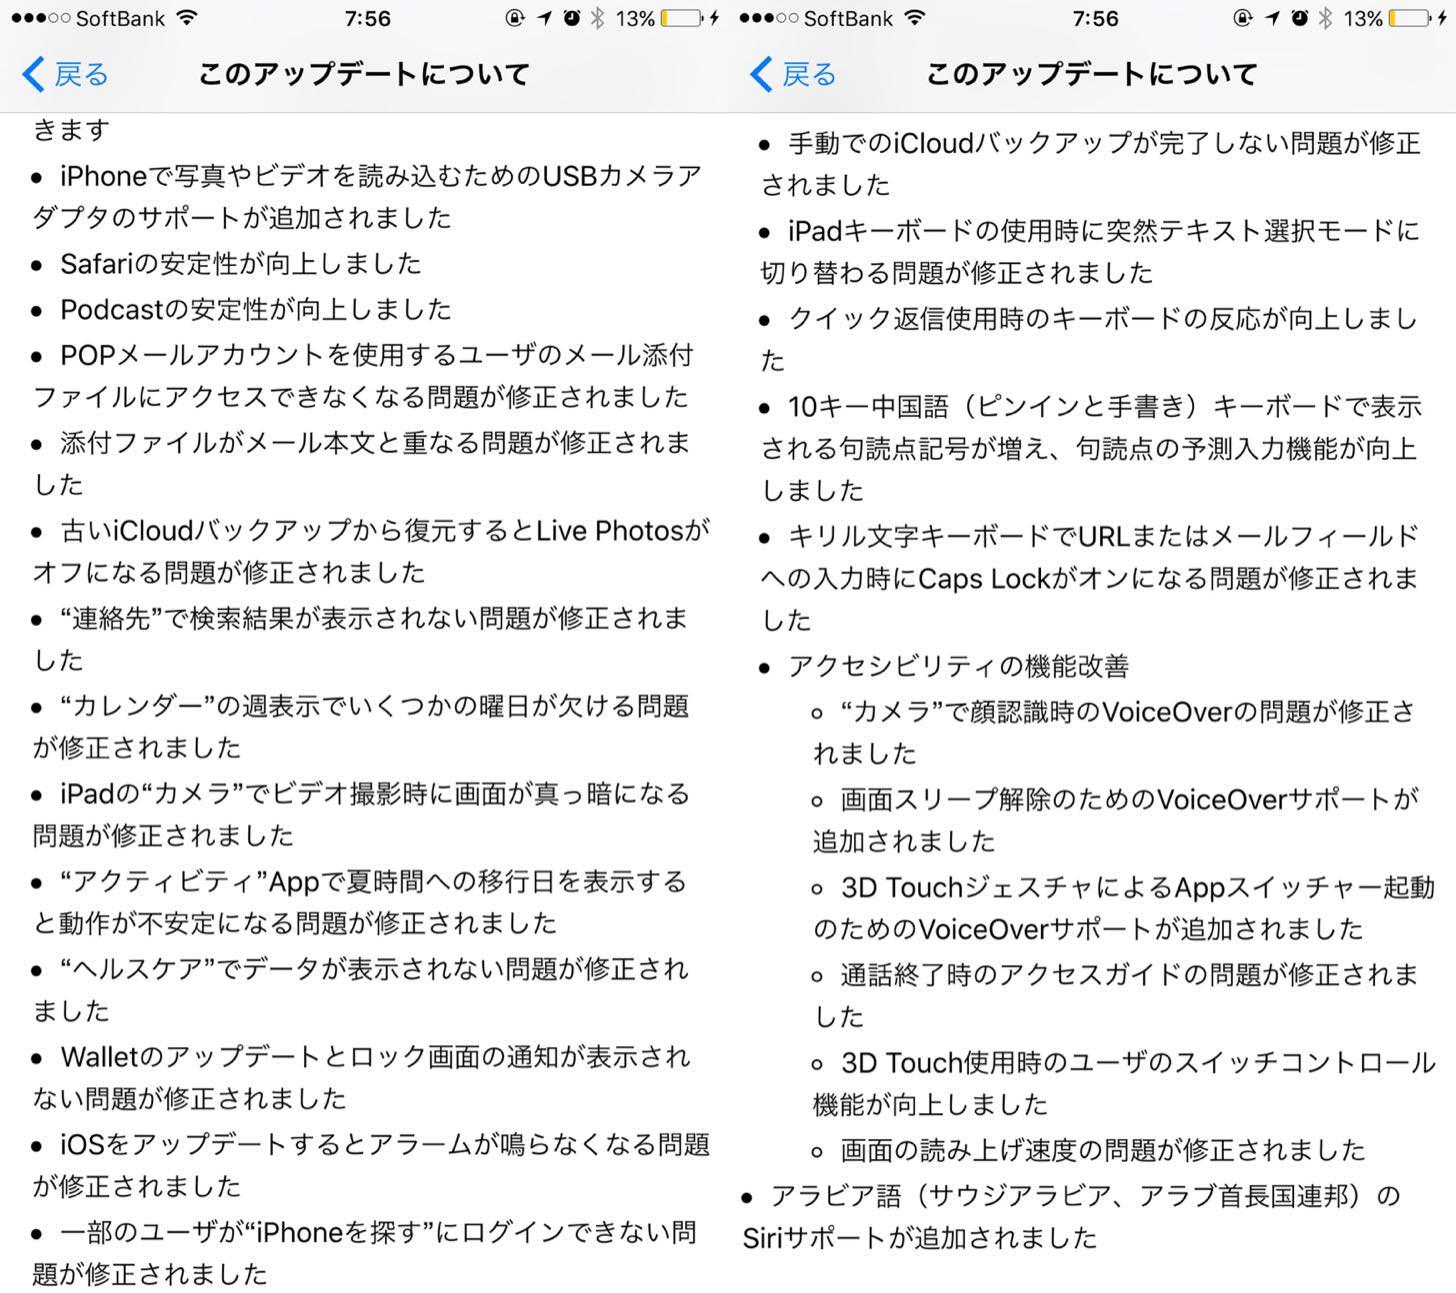 iOS9の内容